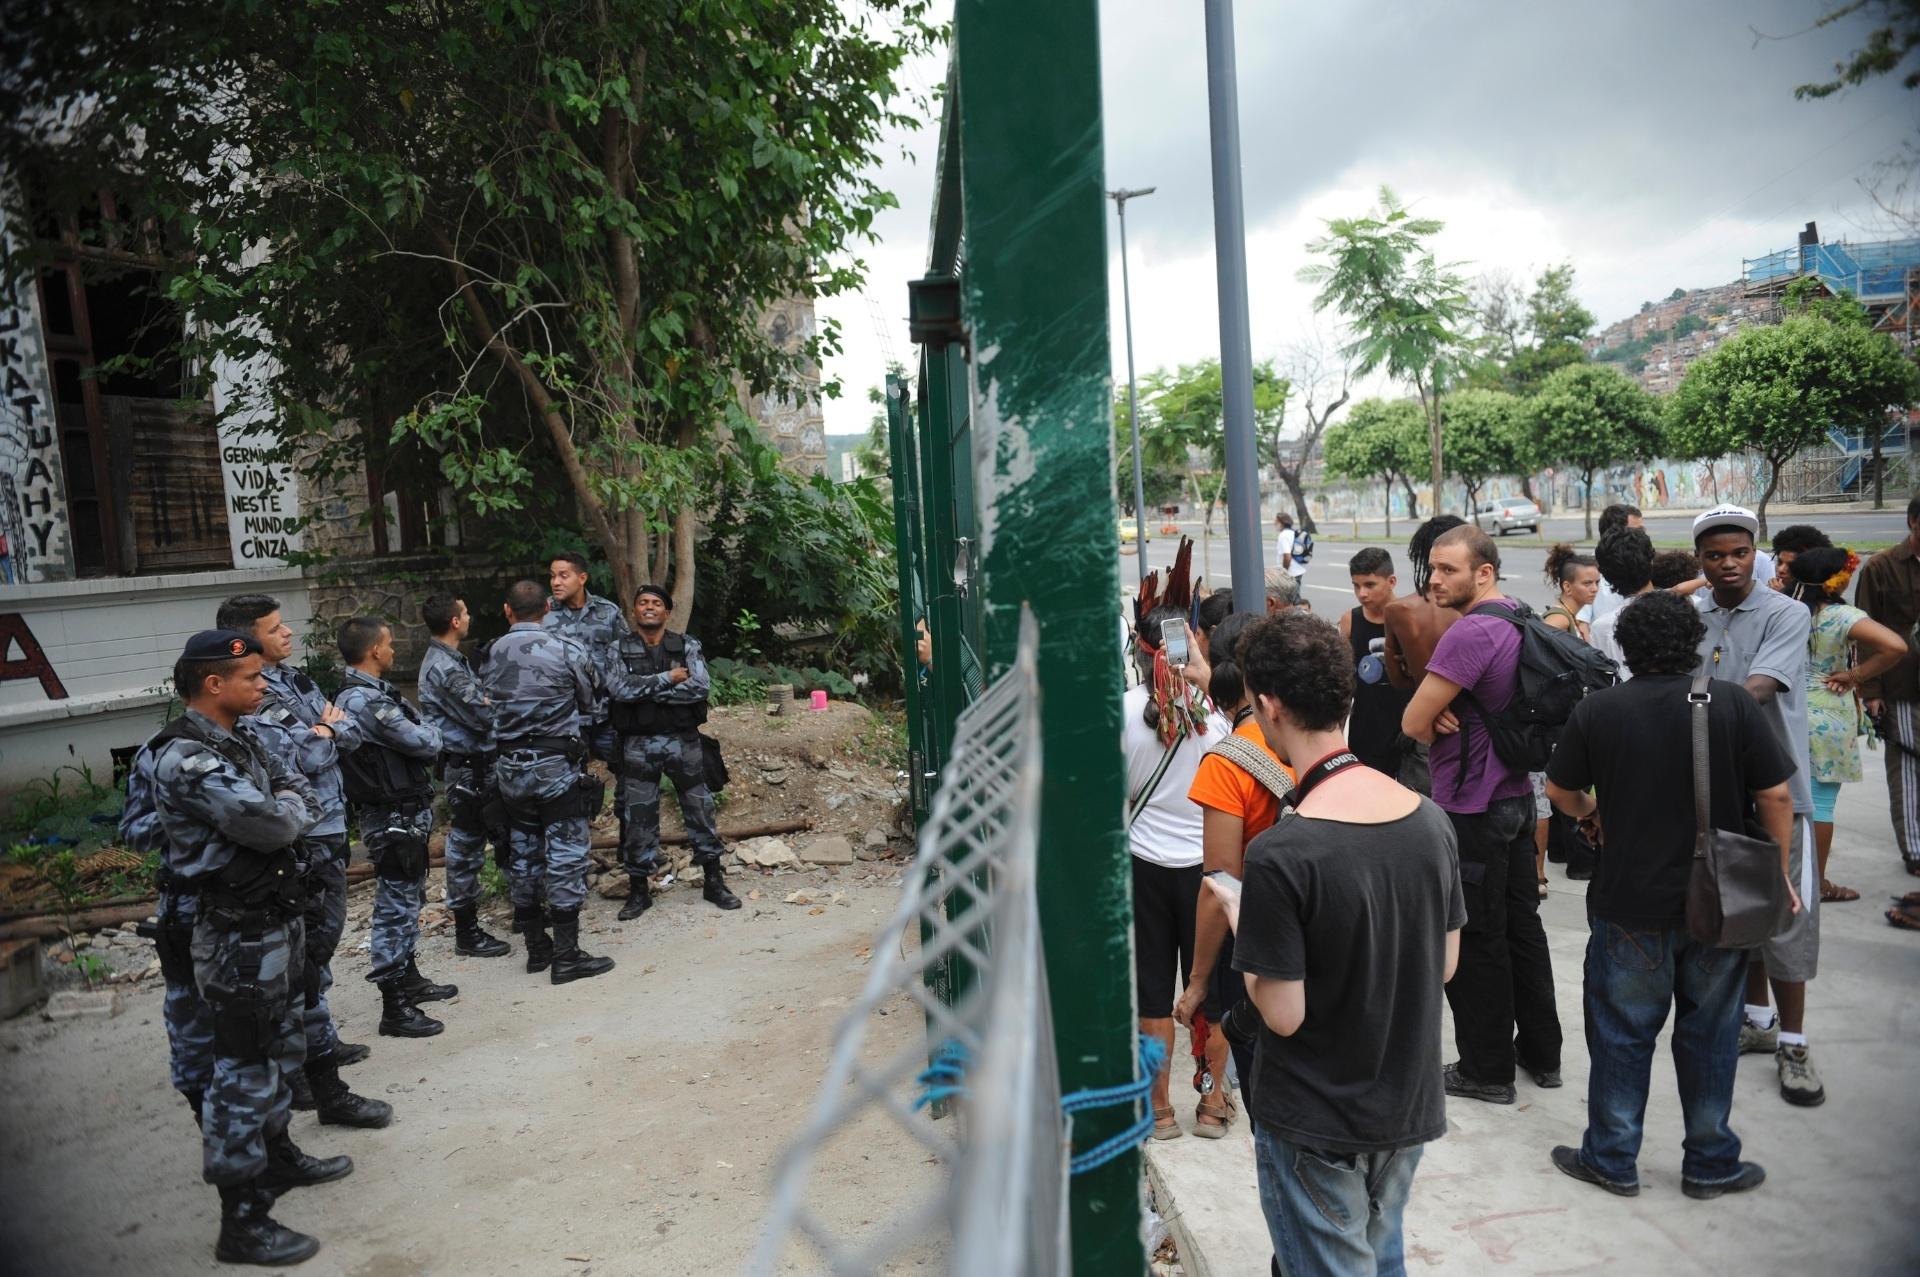 23.dez.2013 - Índios e apoiadores da causa indígena tentam retomar a posse do antigo Museu do Índio, no Rio de Janeiro, de onde foram expulsos pela Polícia Militar (PM) no último dia 16